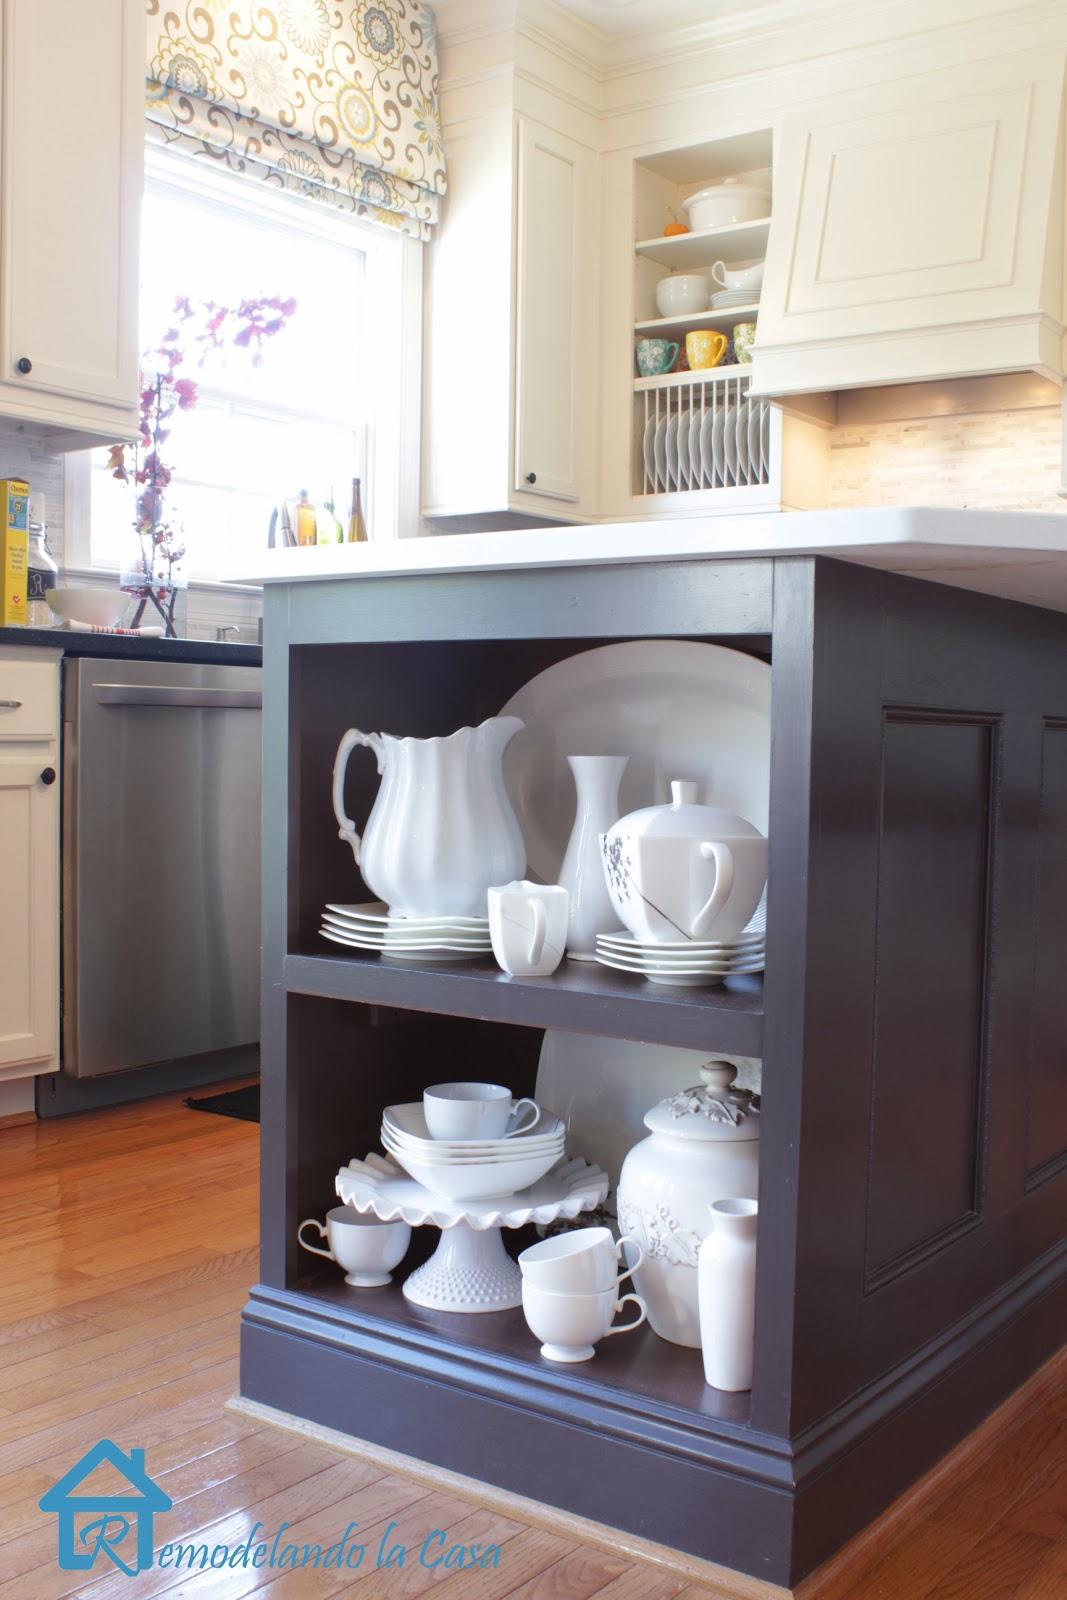 remodelando la casa diy kitchen organization ideas